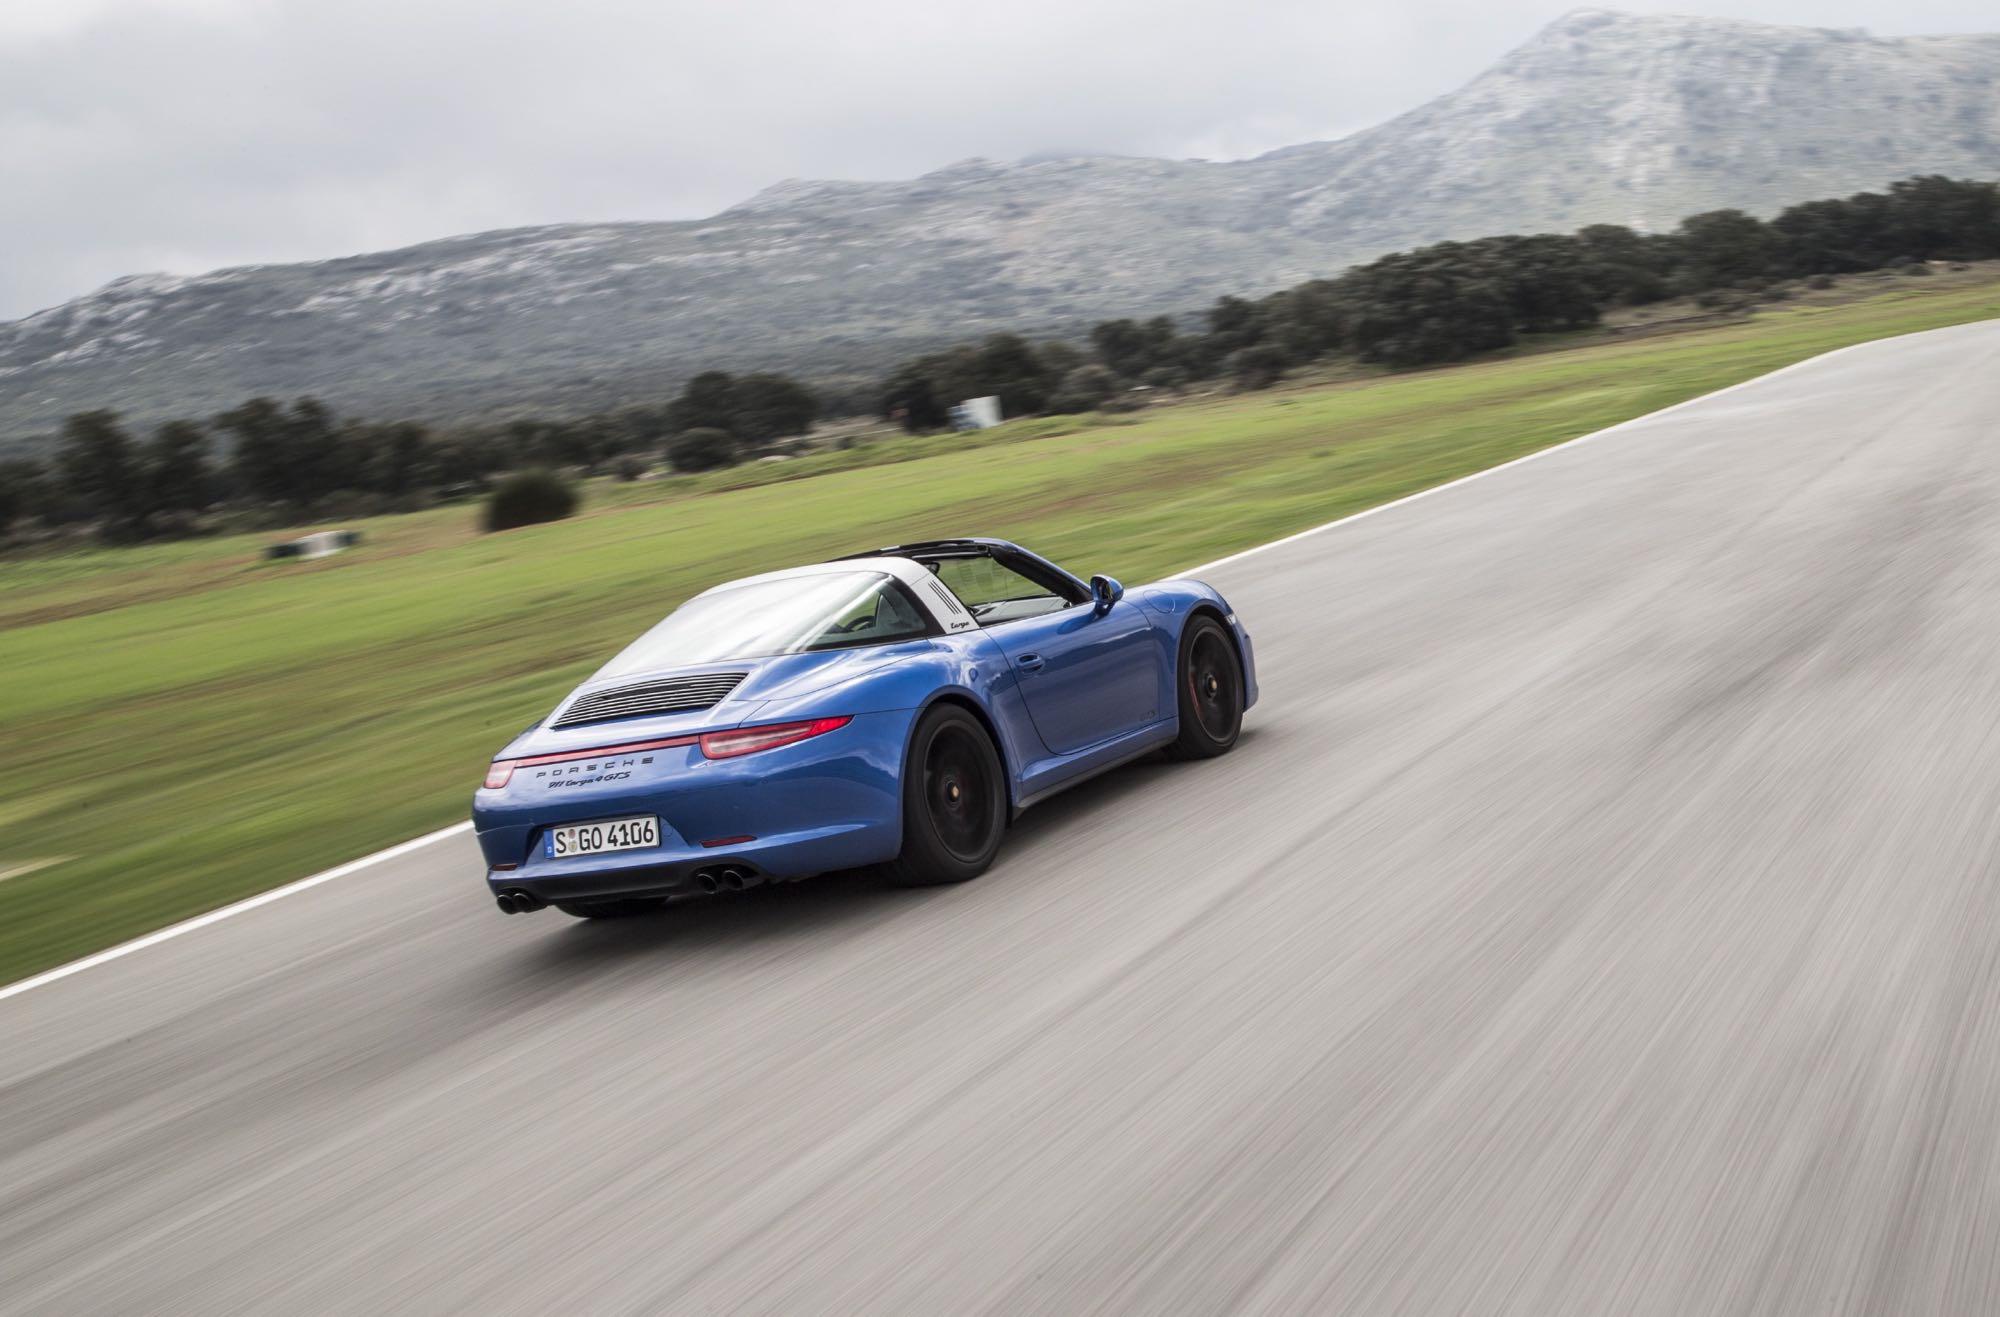 Porsche Driving School >> 2015 Porsche 911 Targa 4 GTS Review - photos | CarAdvice